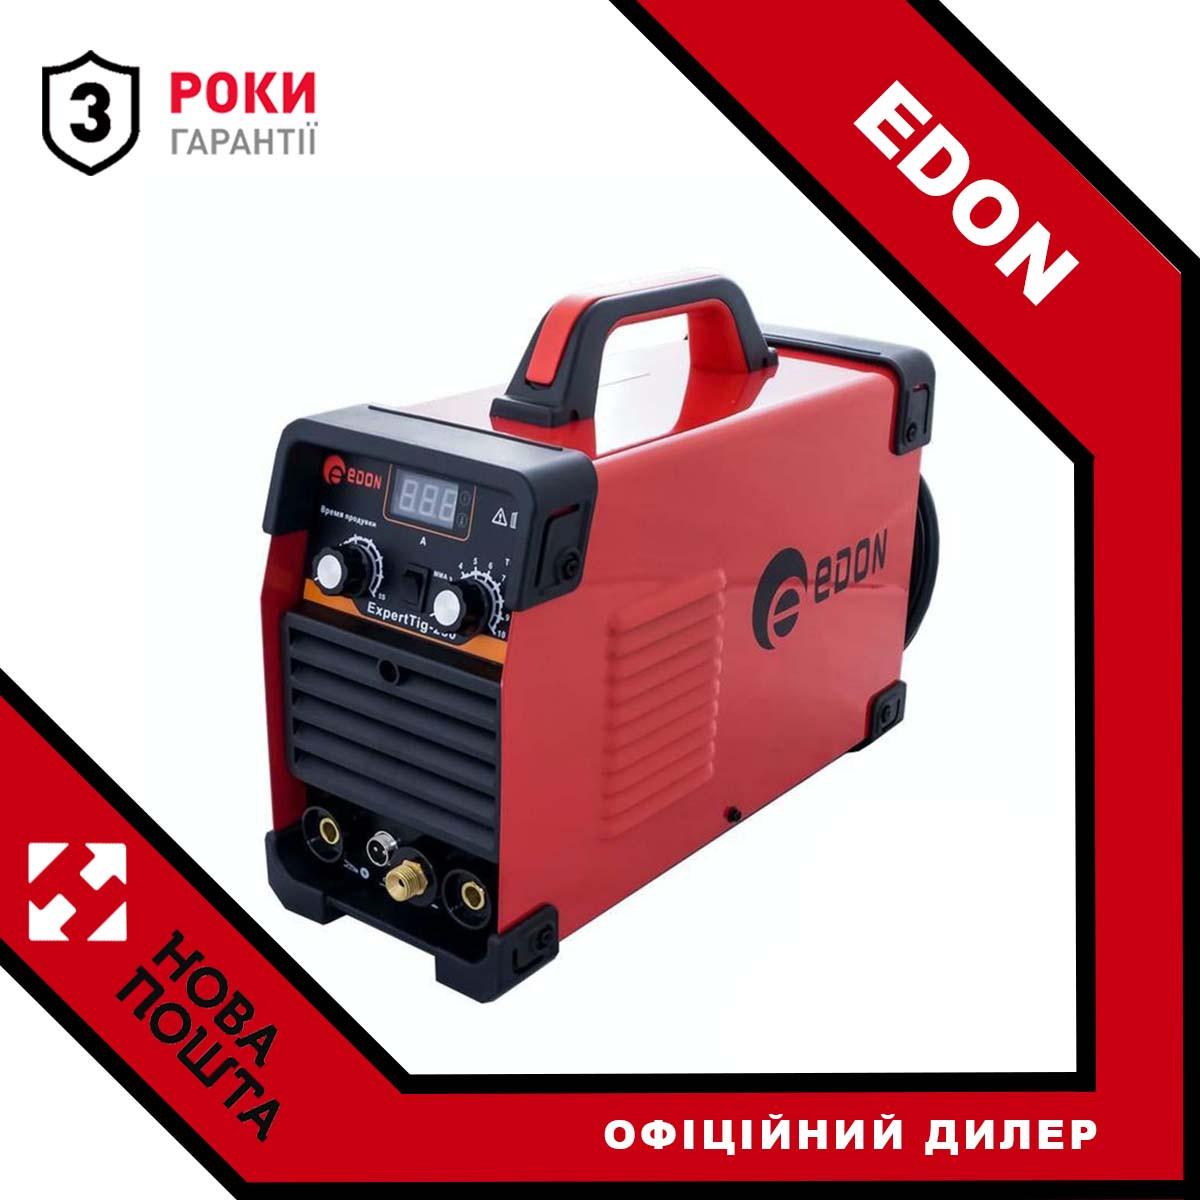 Зварювальний інвертор EDON EXPERT TIG-250